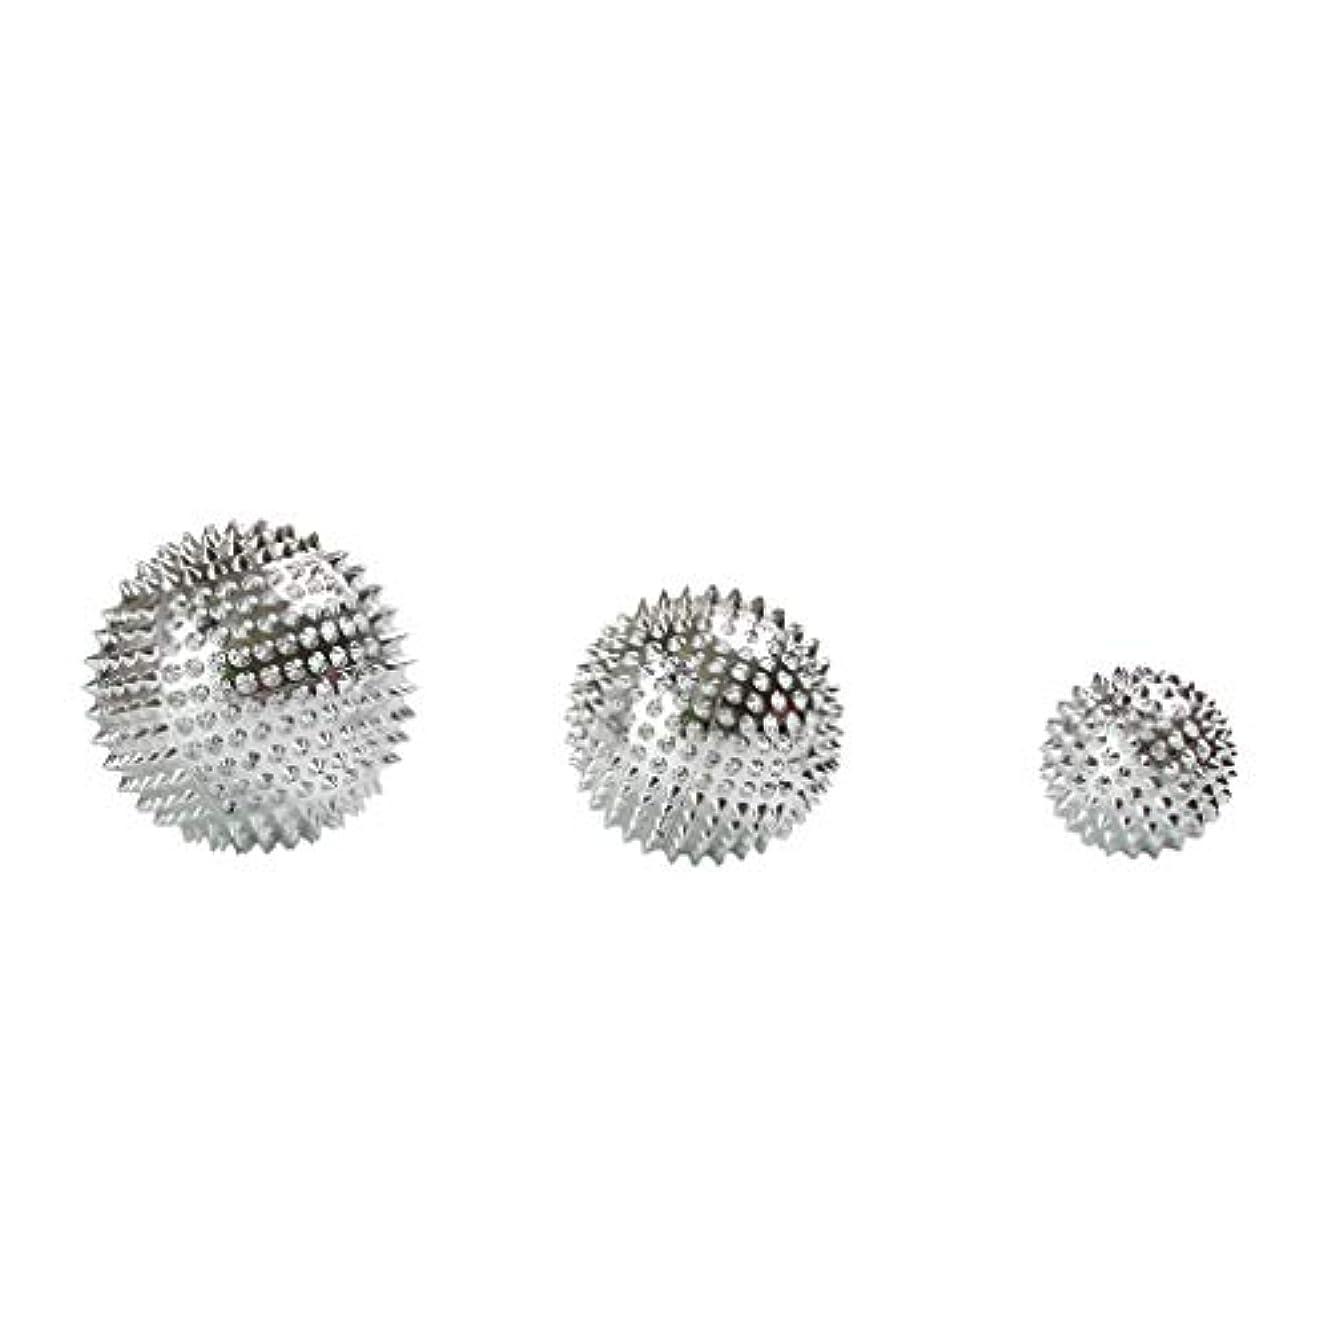 エンジニアリング迷惑小数3個セット 磁気マッサージボール スパイク ローラー マッサージ 2色選べ - シルバー